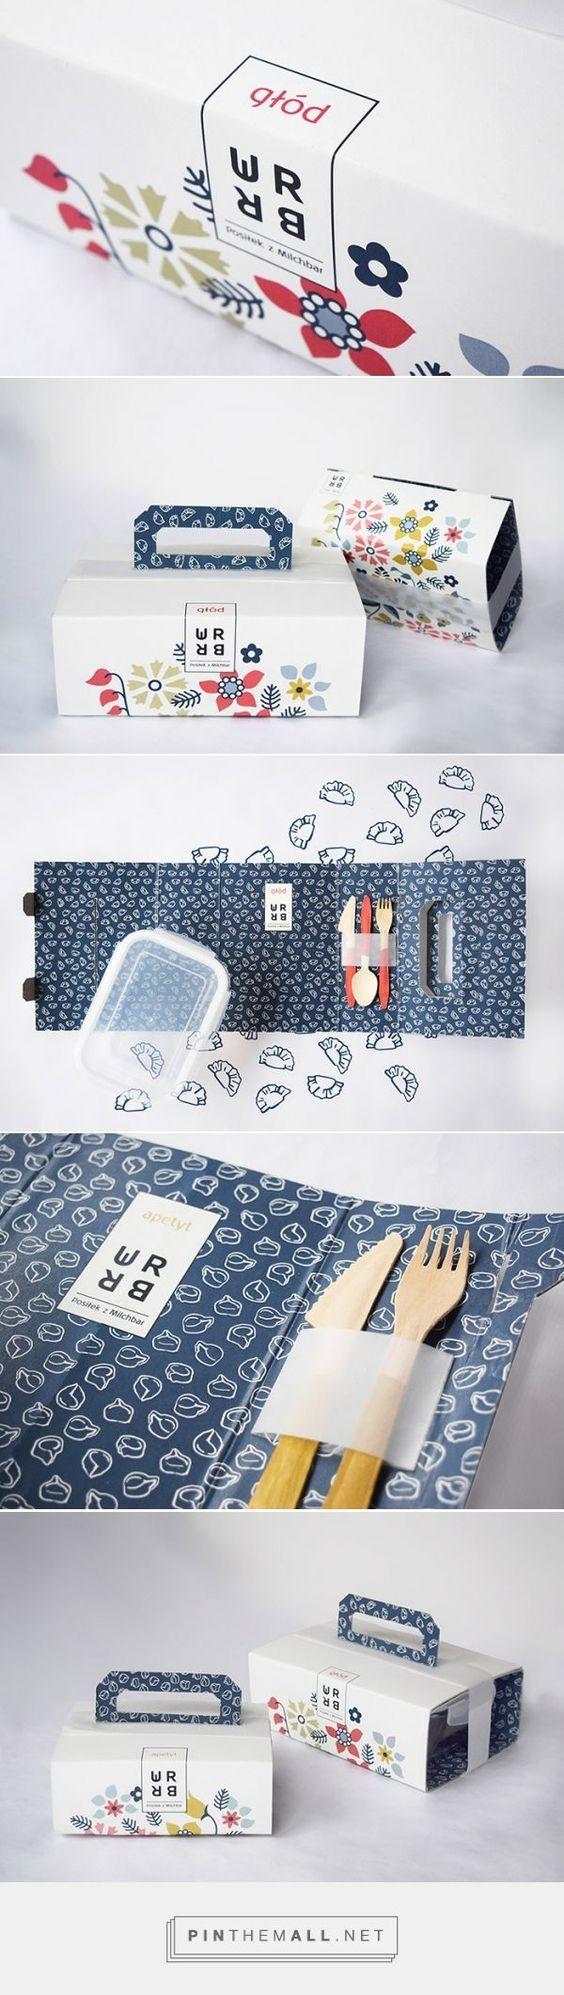 Envasado de Alimentos WRBR de Viktoria Mannsberger | Agencia de Branding Fivestar - Diseño y la Agencia de Branding & Inspiration Gallery Curada